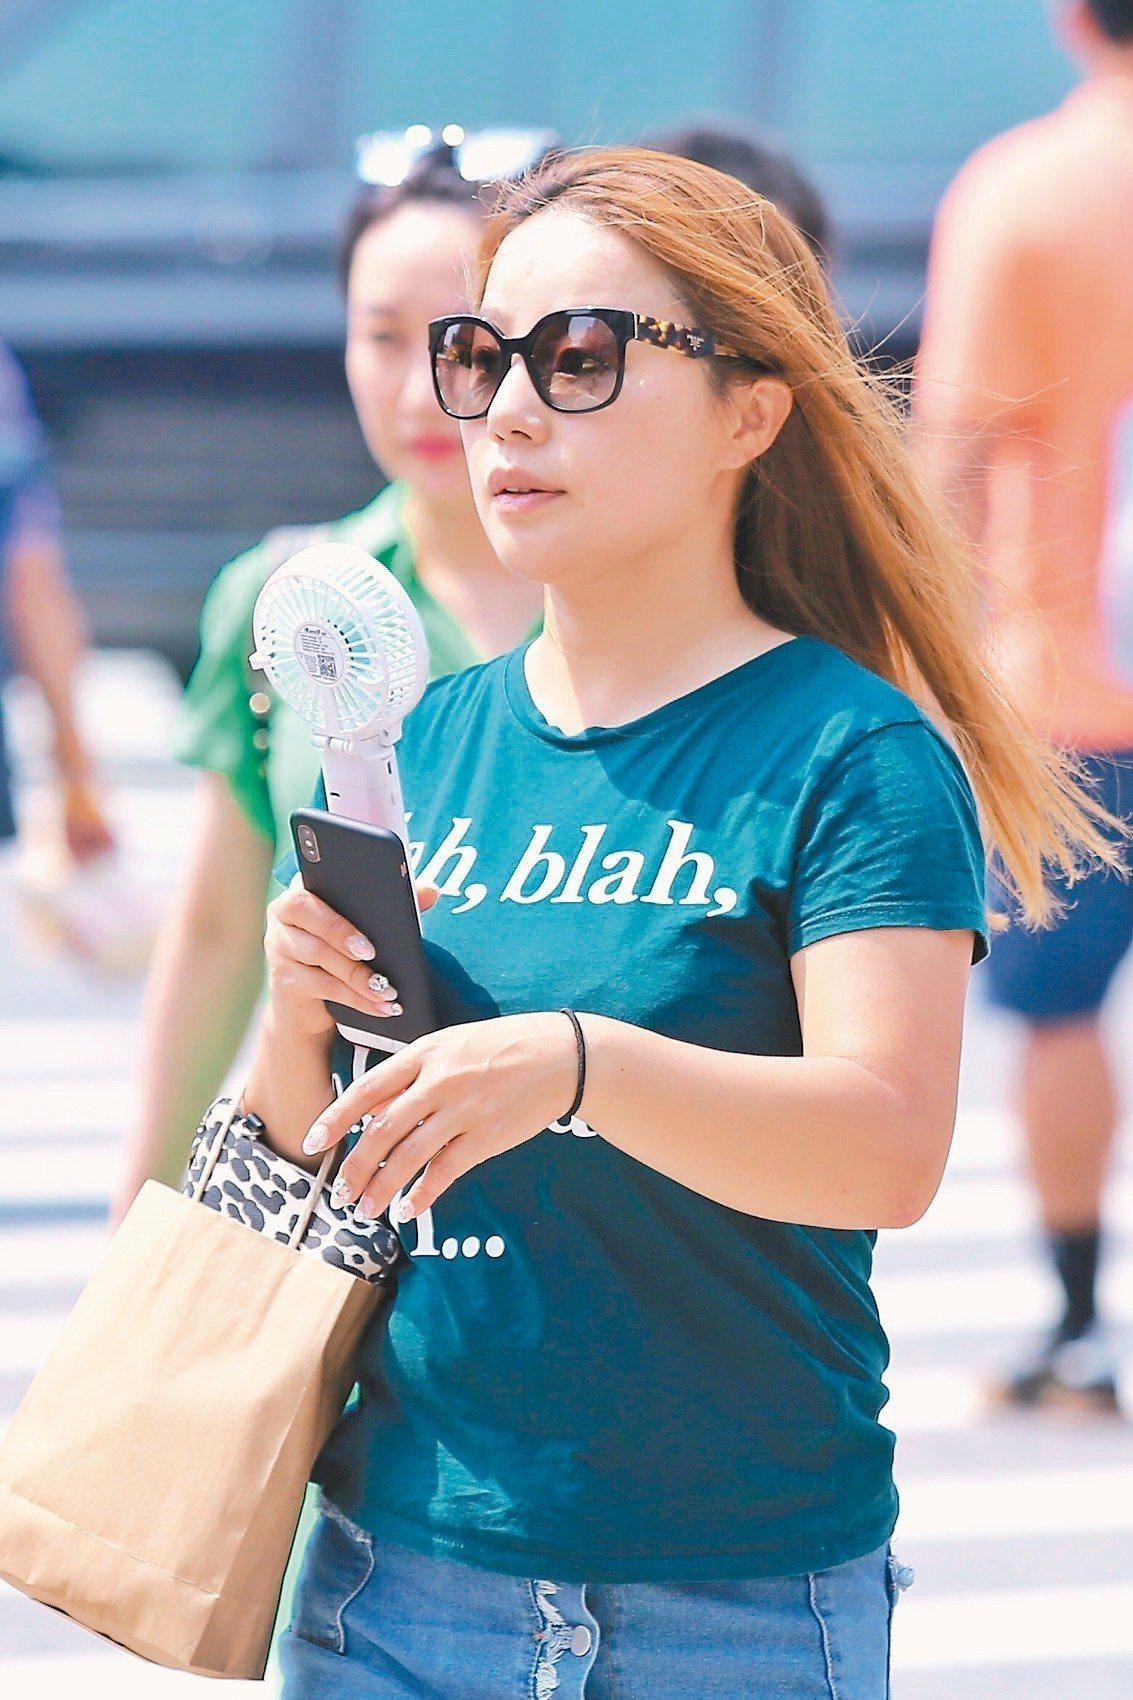 全台昨高溫炎熱,台北街頭有民眾自備小電扇消暑,但今起又有梅雨鋒面來襲。 記者林伯...